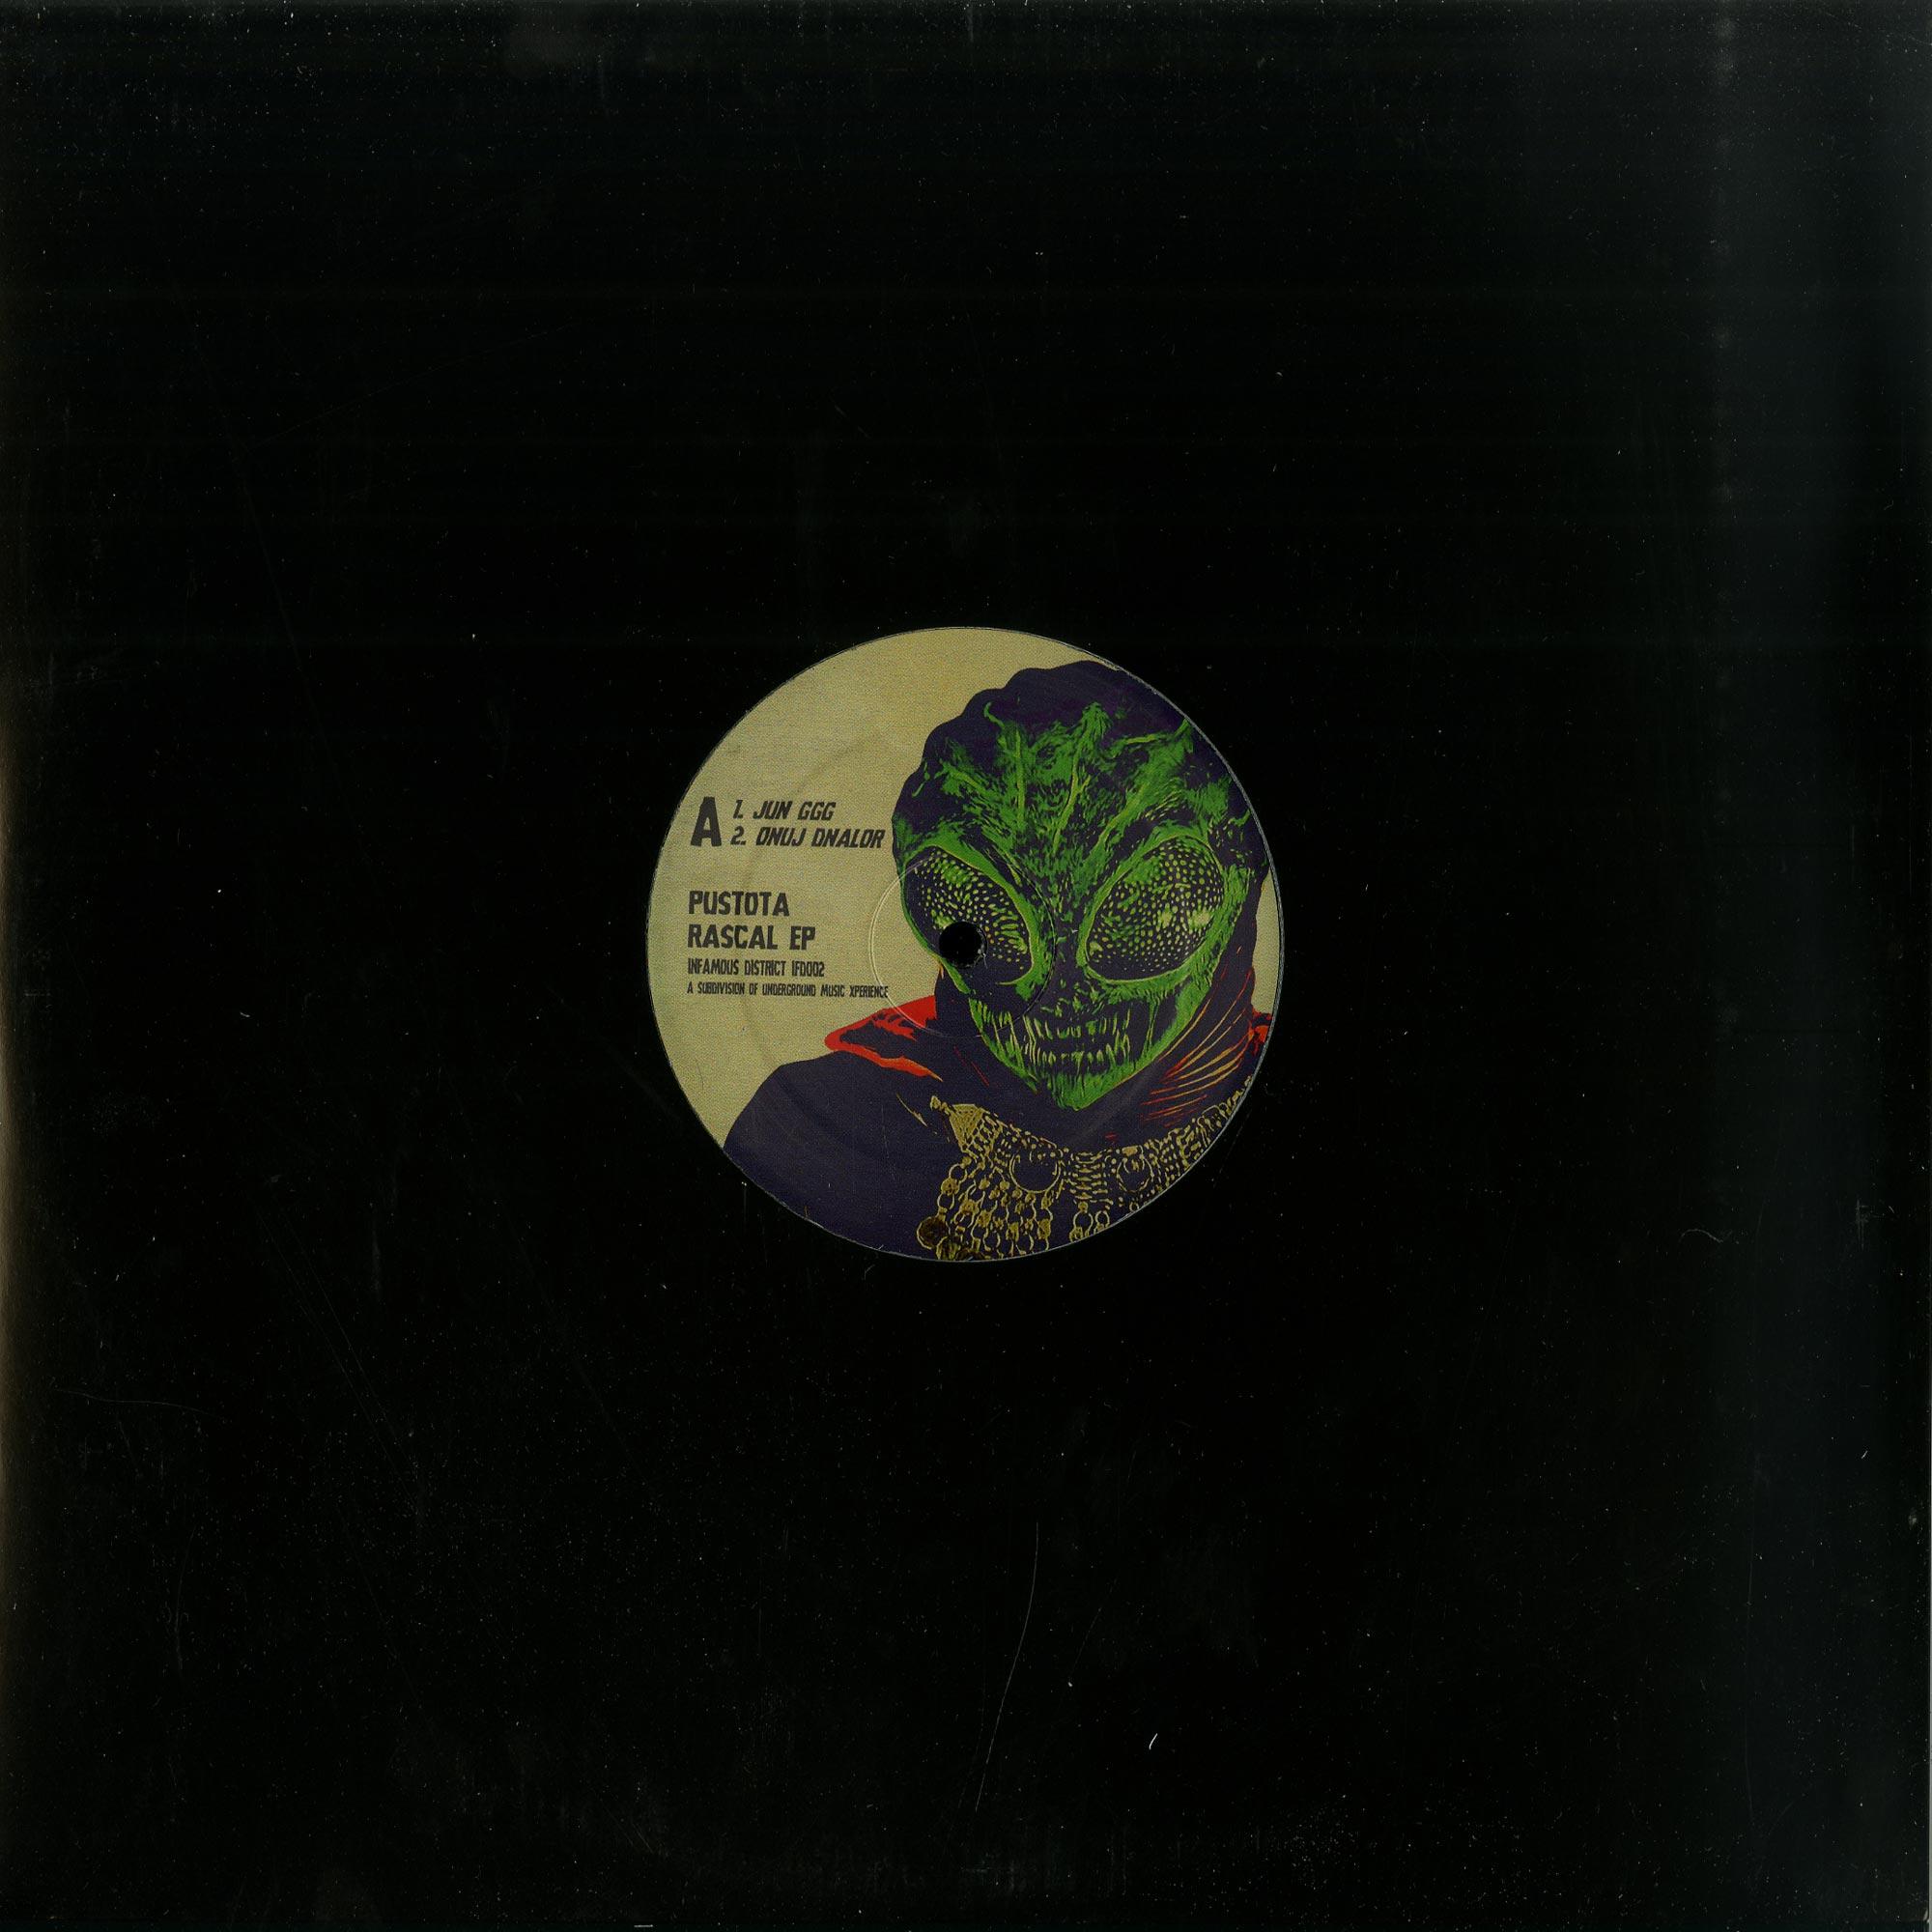 Pustota - RASCAL EP